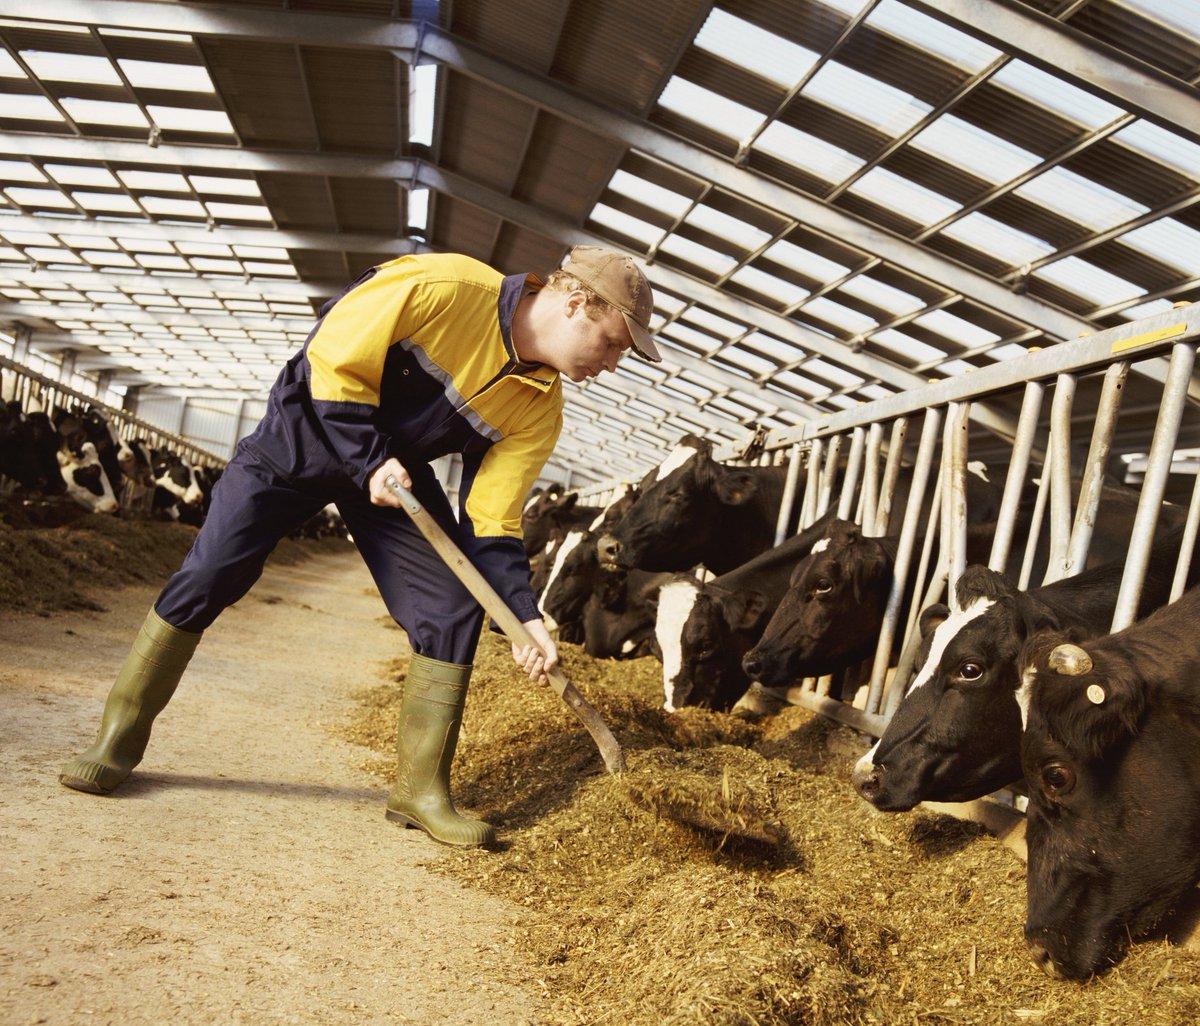 Эксперты: реализация фермерами товаров в поле позволит им выйти из зависимости от сетей